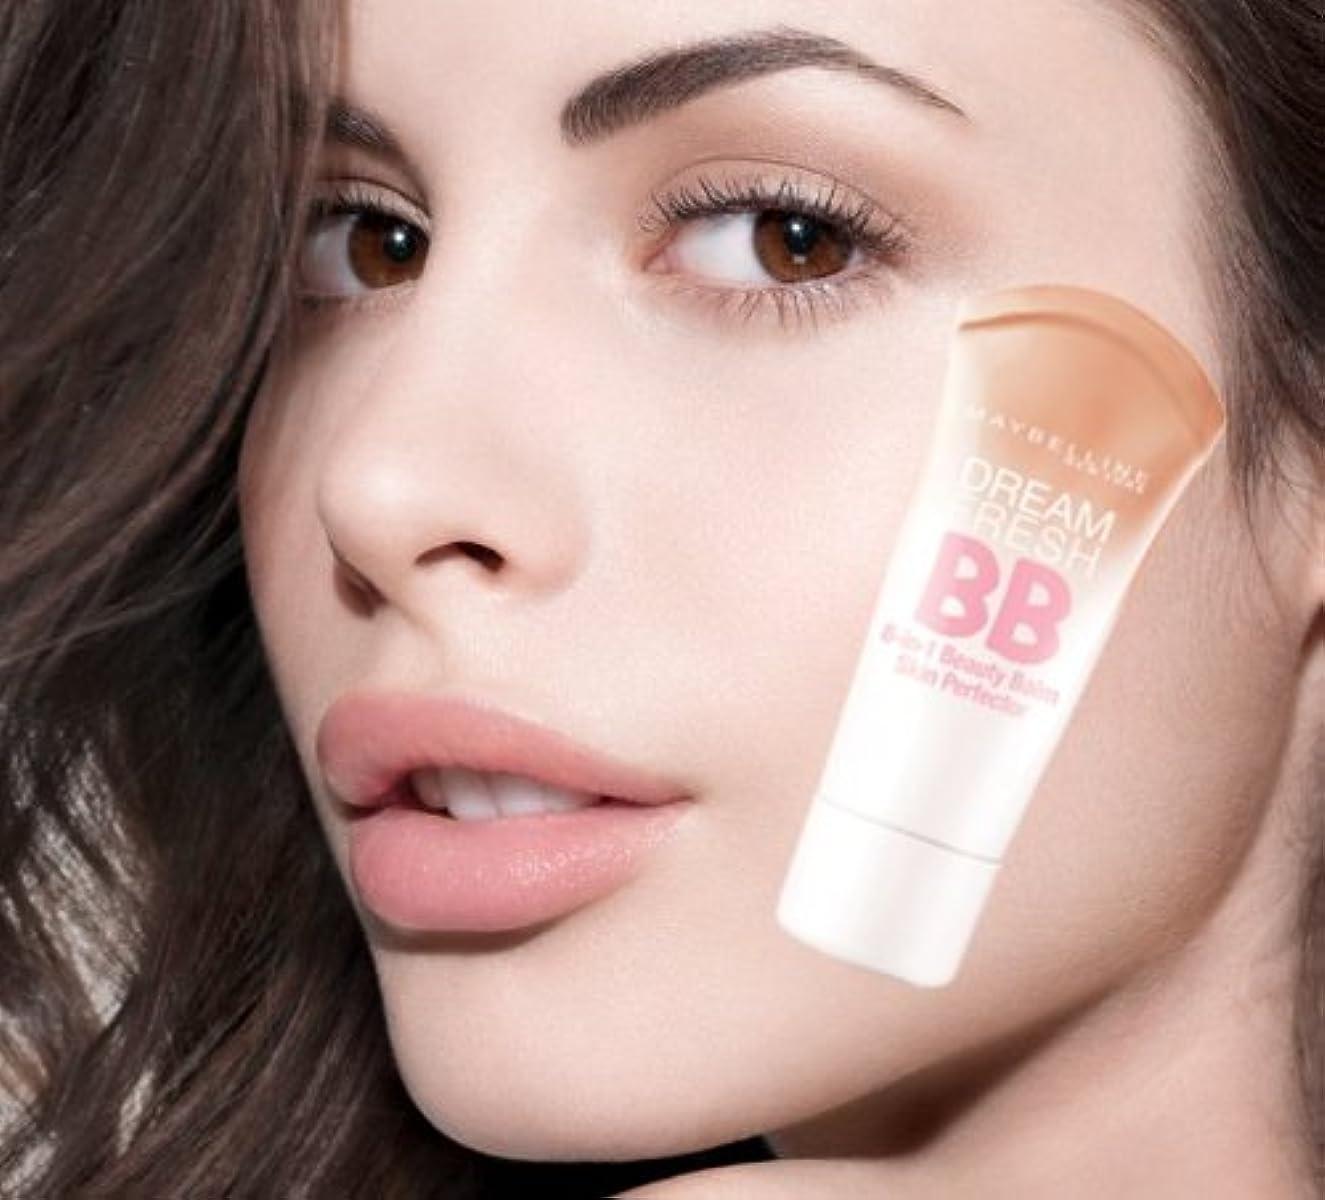 ニックネーム特別な対応するメイベリン BBクリーム ミディアムカラー SPF 30*Maybelline Dream Fresh BB Cream 30ml【平行輸入品】